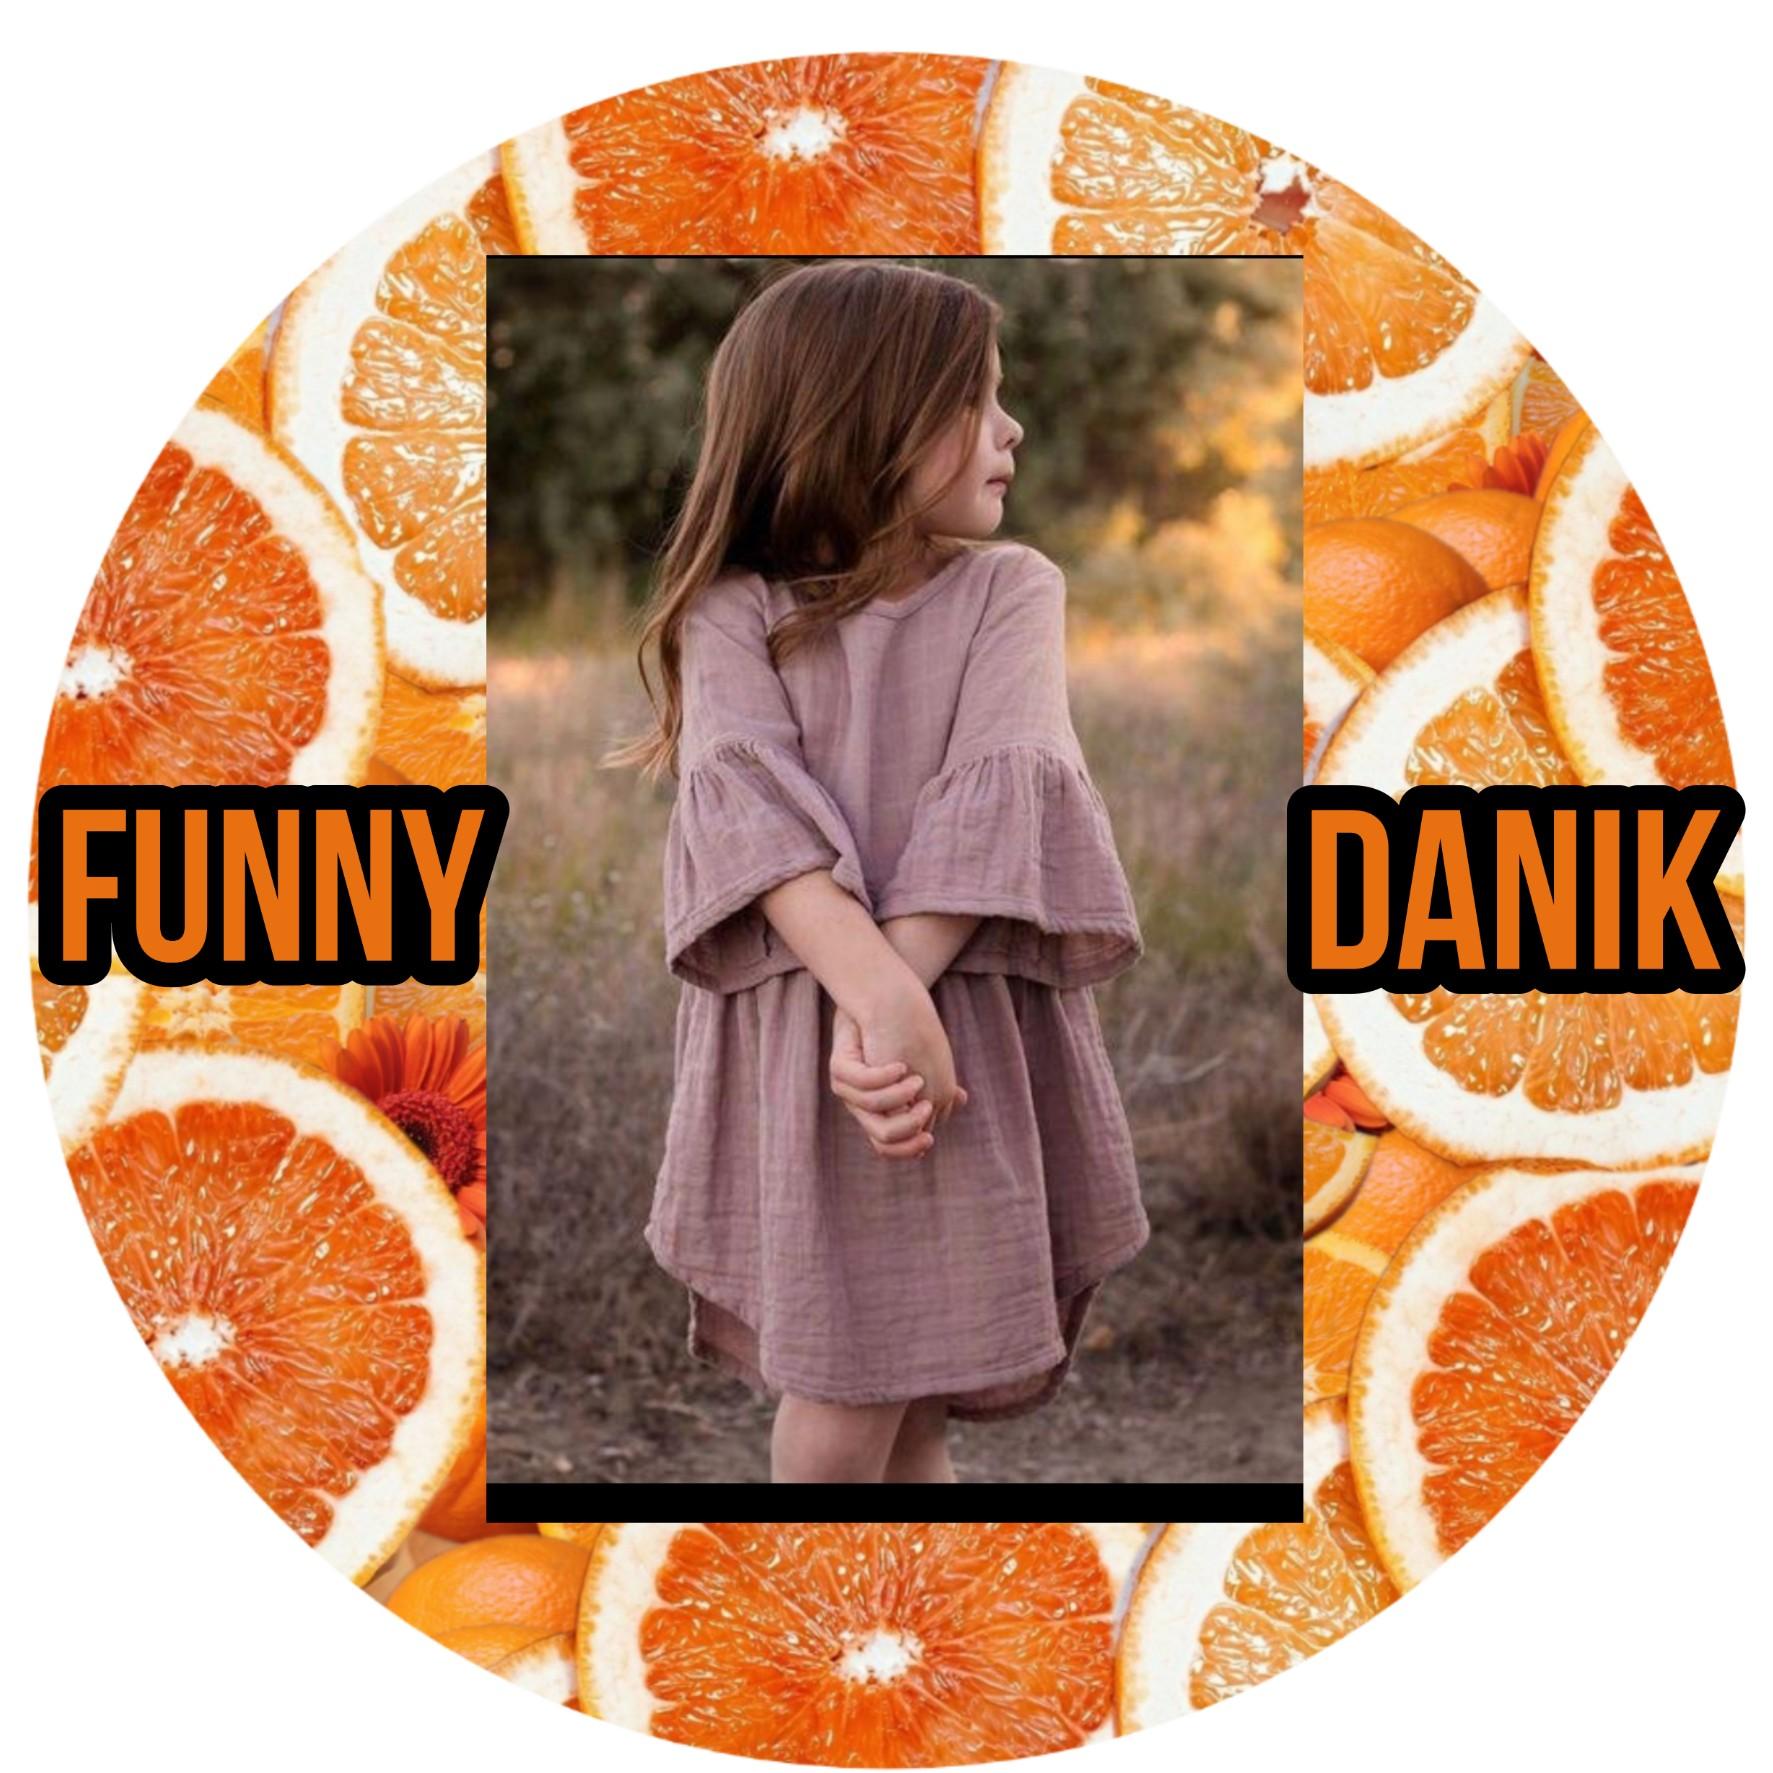 Название для бренда детской одежды фото f_2135e1de4802bddd.jpg